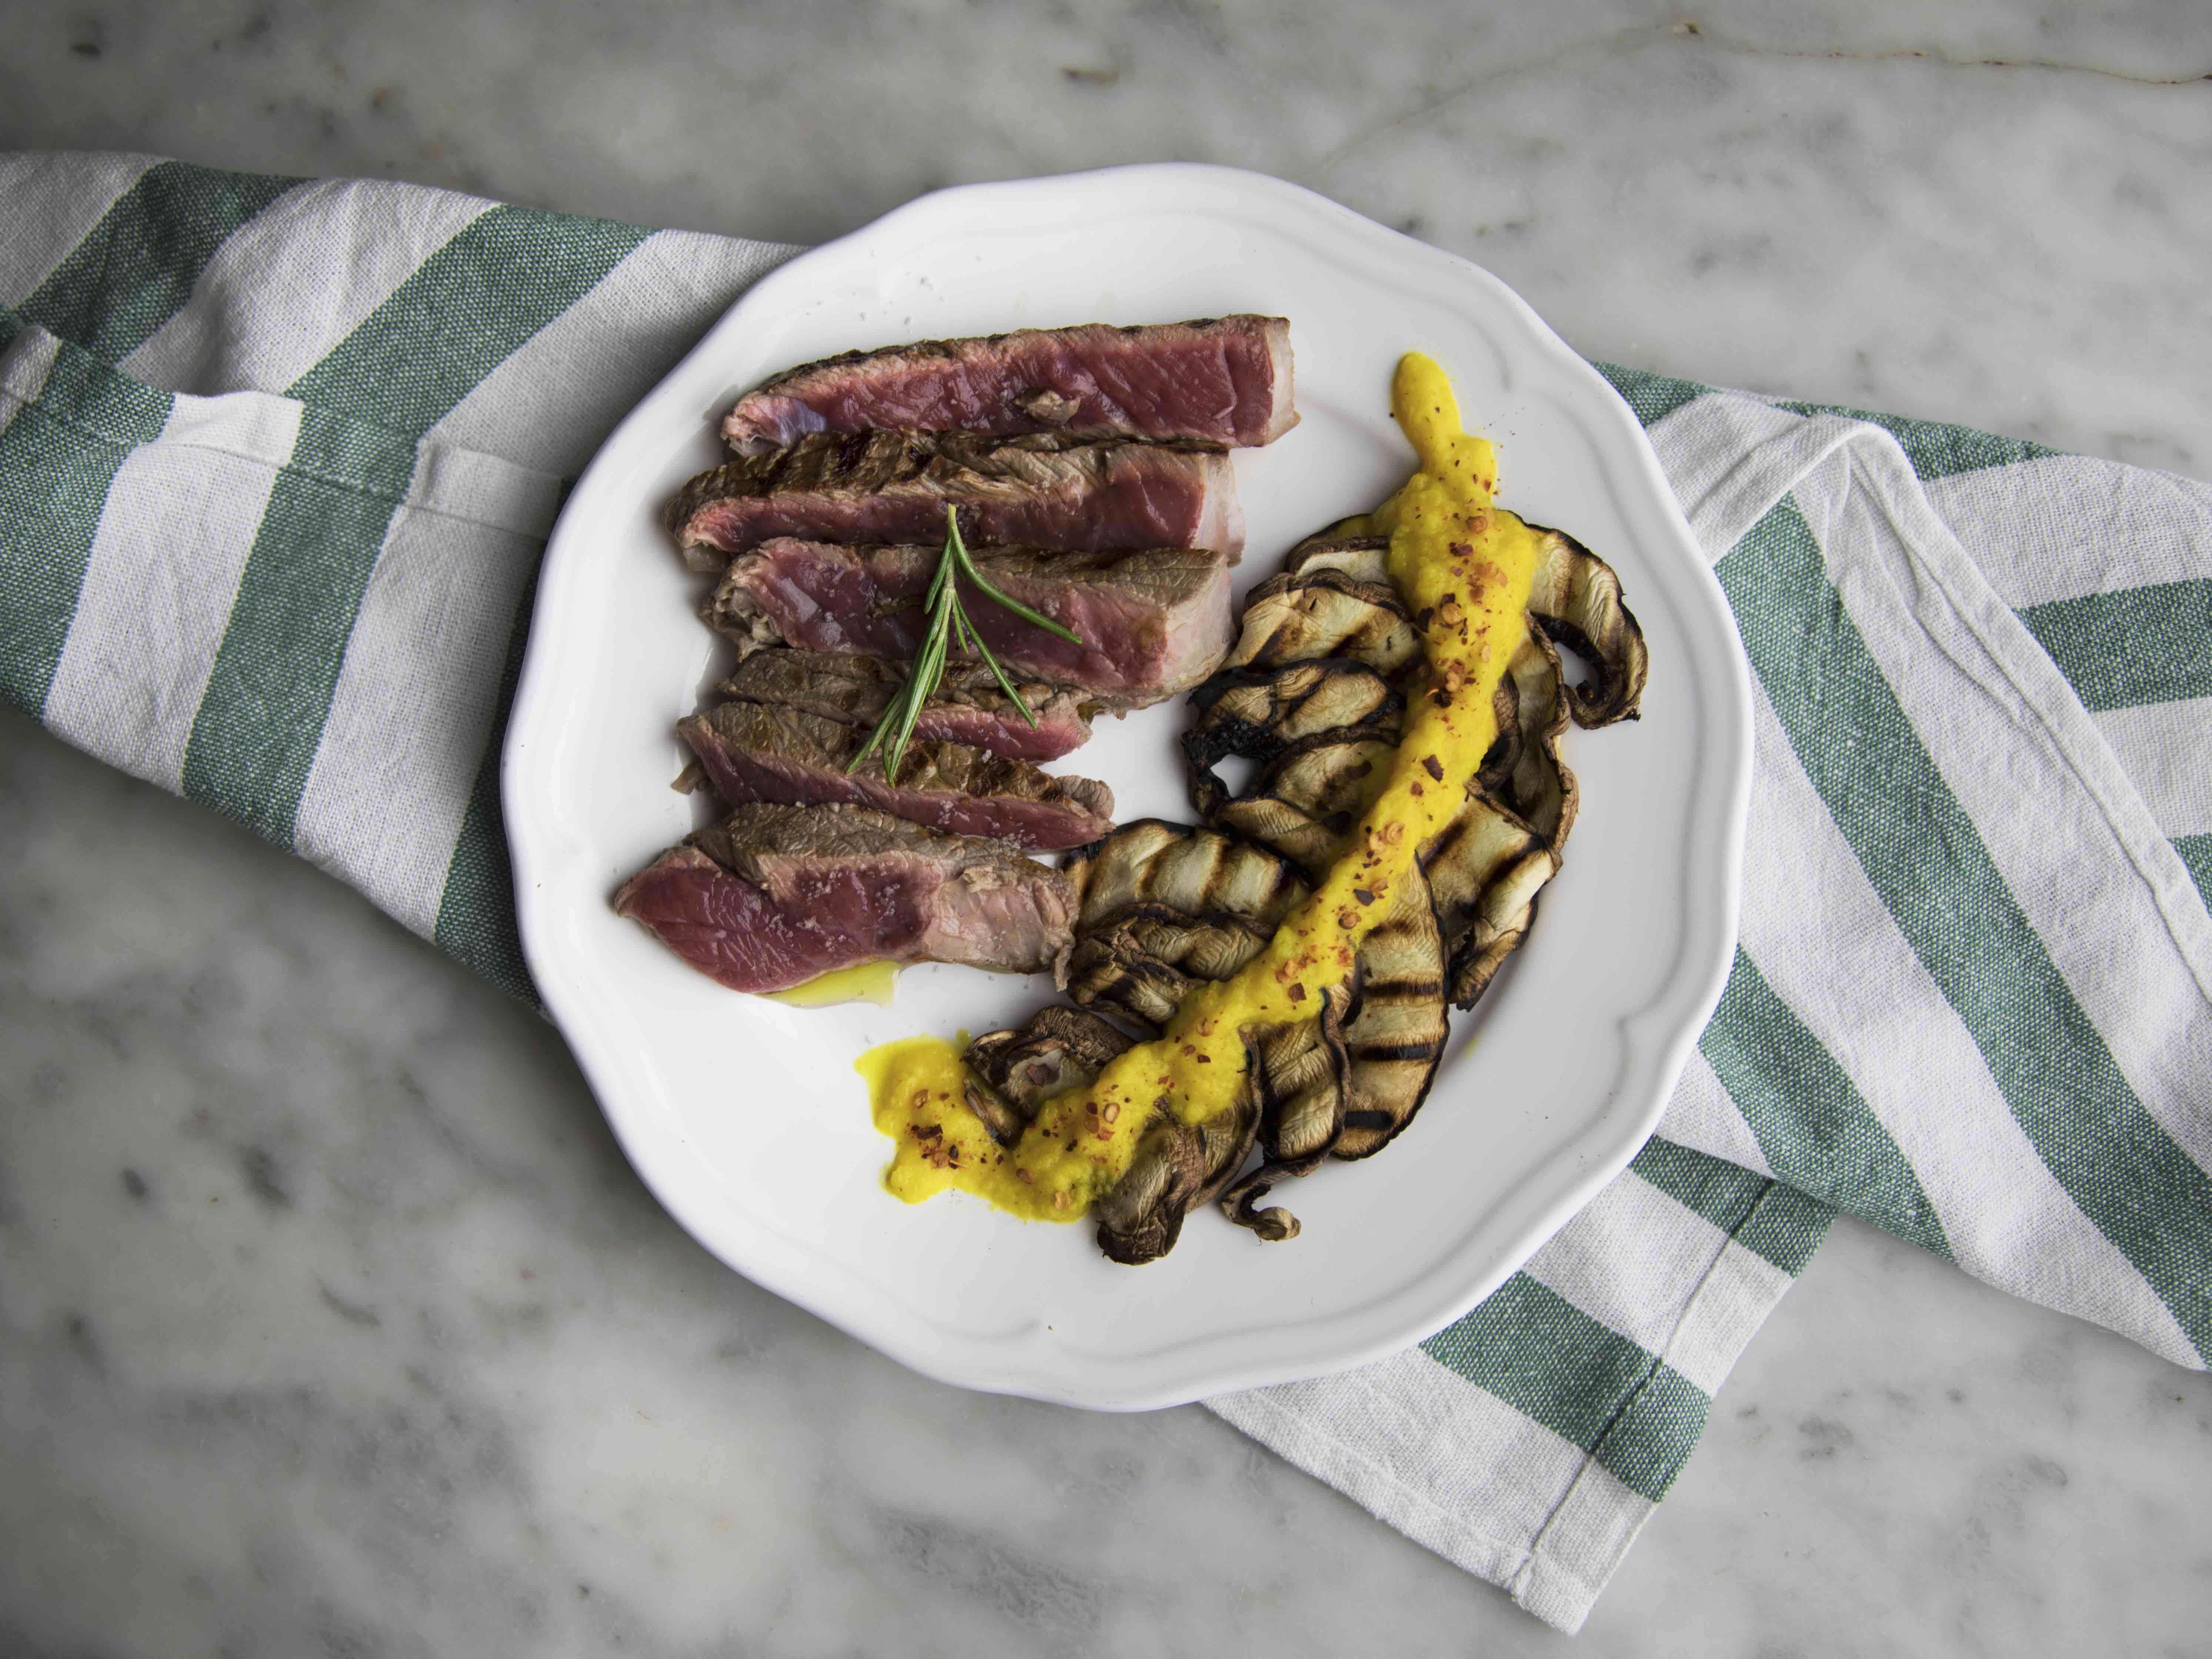 Tagliata ai funghi grigliati con salsa piccante ai peperoni gialli